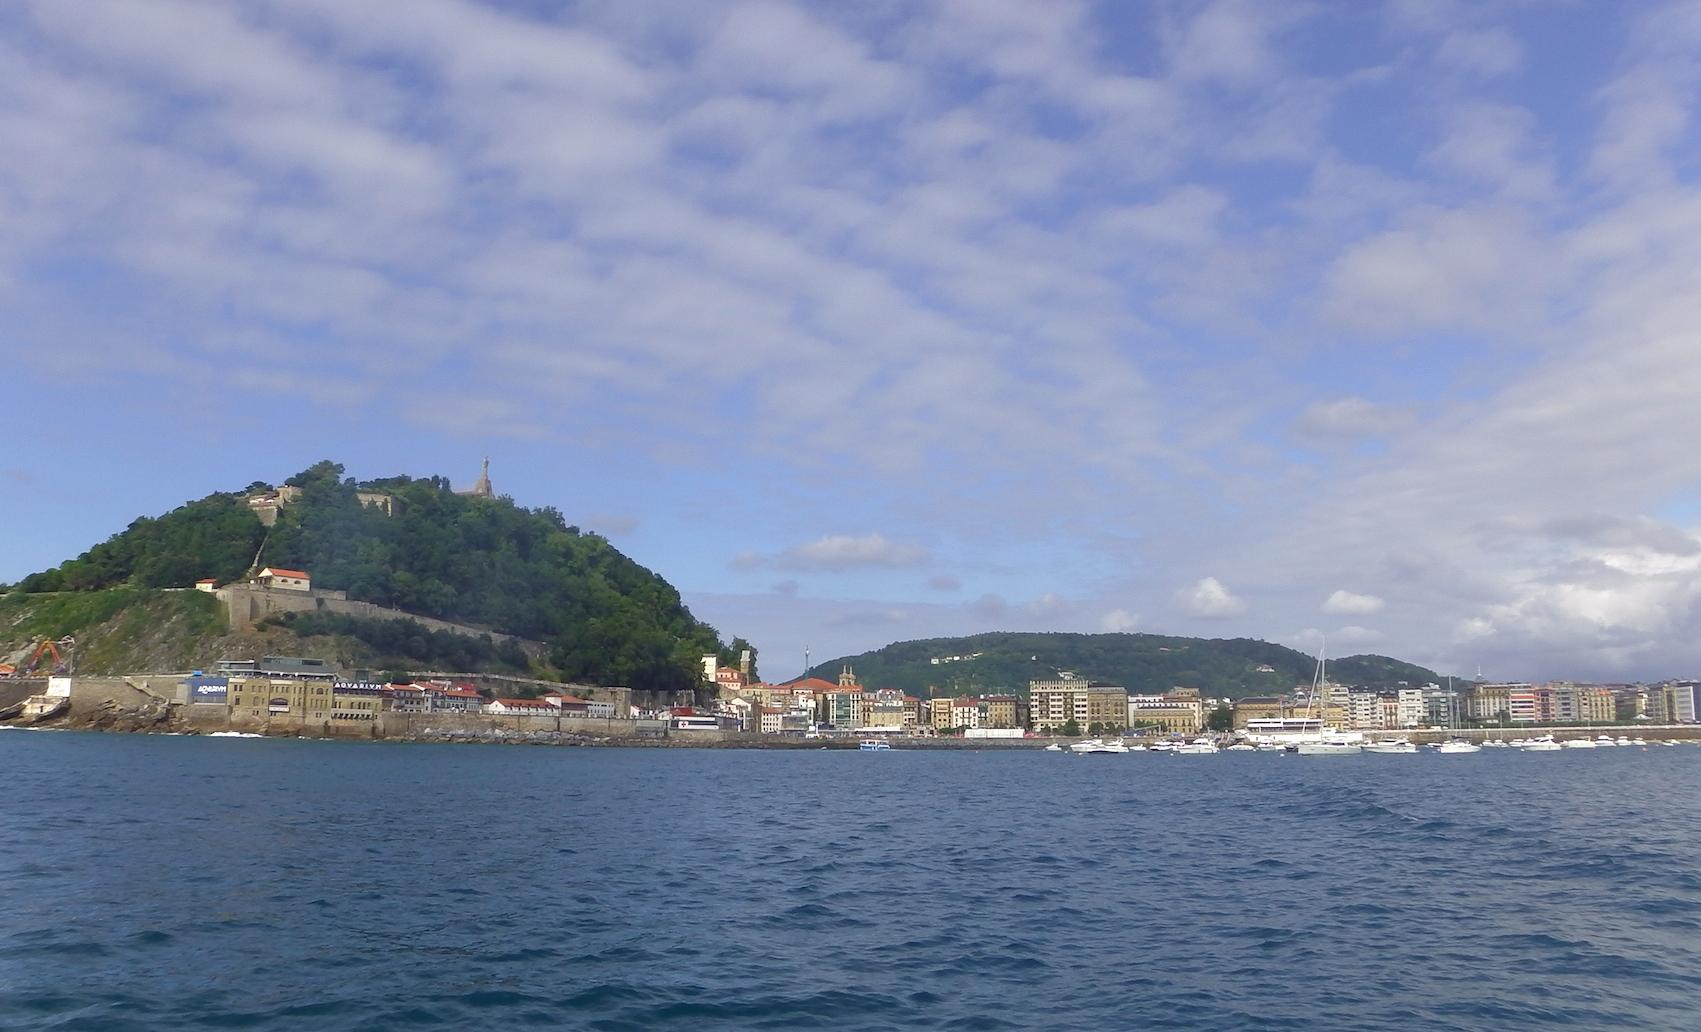 Semana-Grande-Feux-artifices-San-Sebastian-Le-cercle-evenements-agence-voyage-pays-basque-18